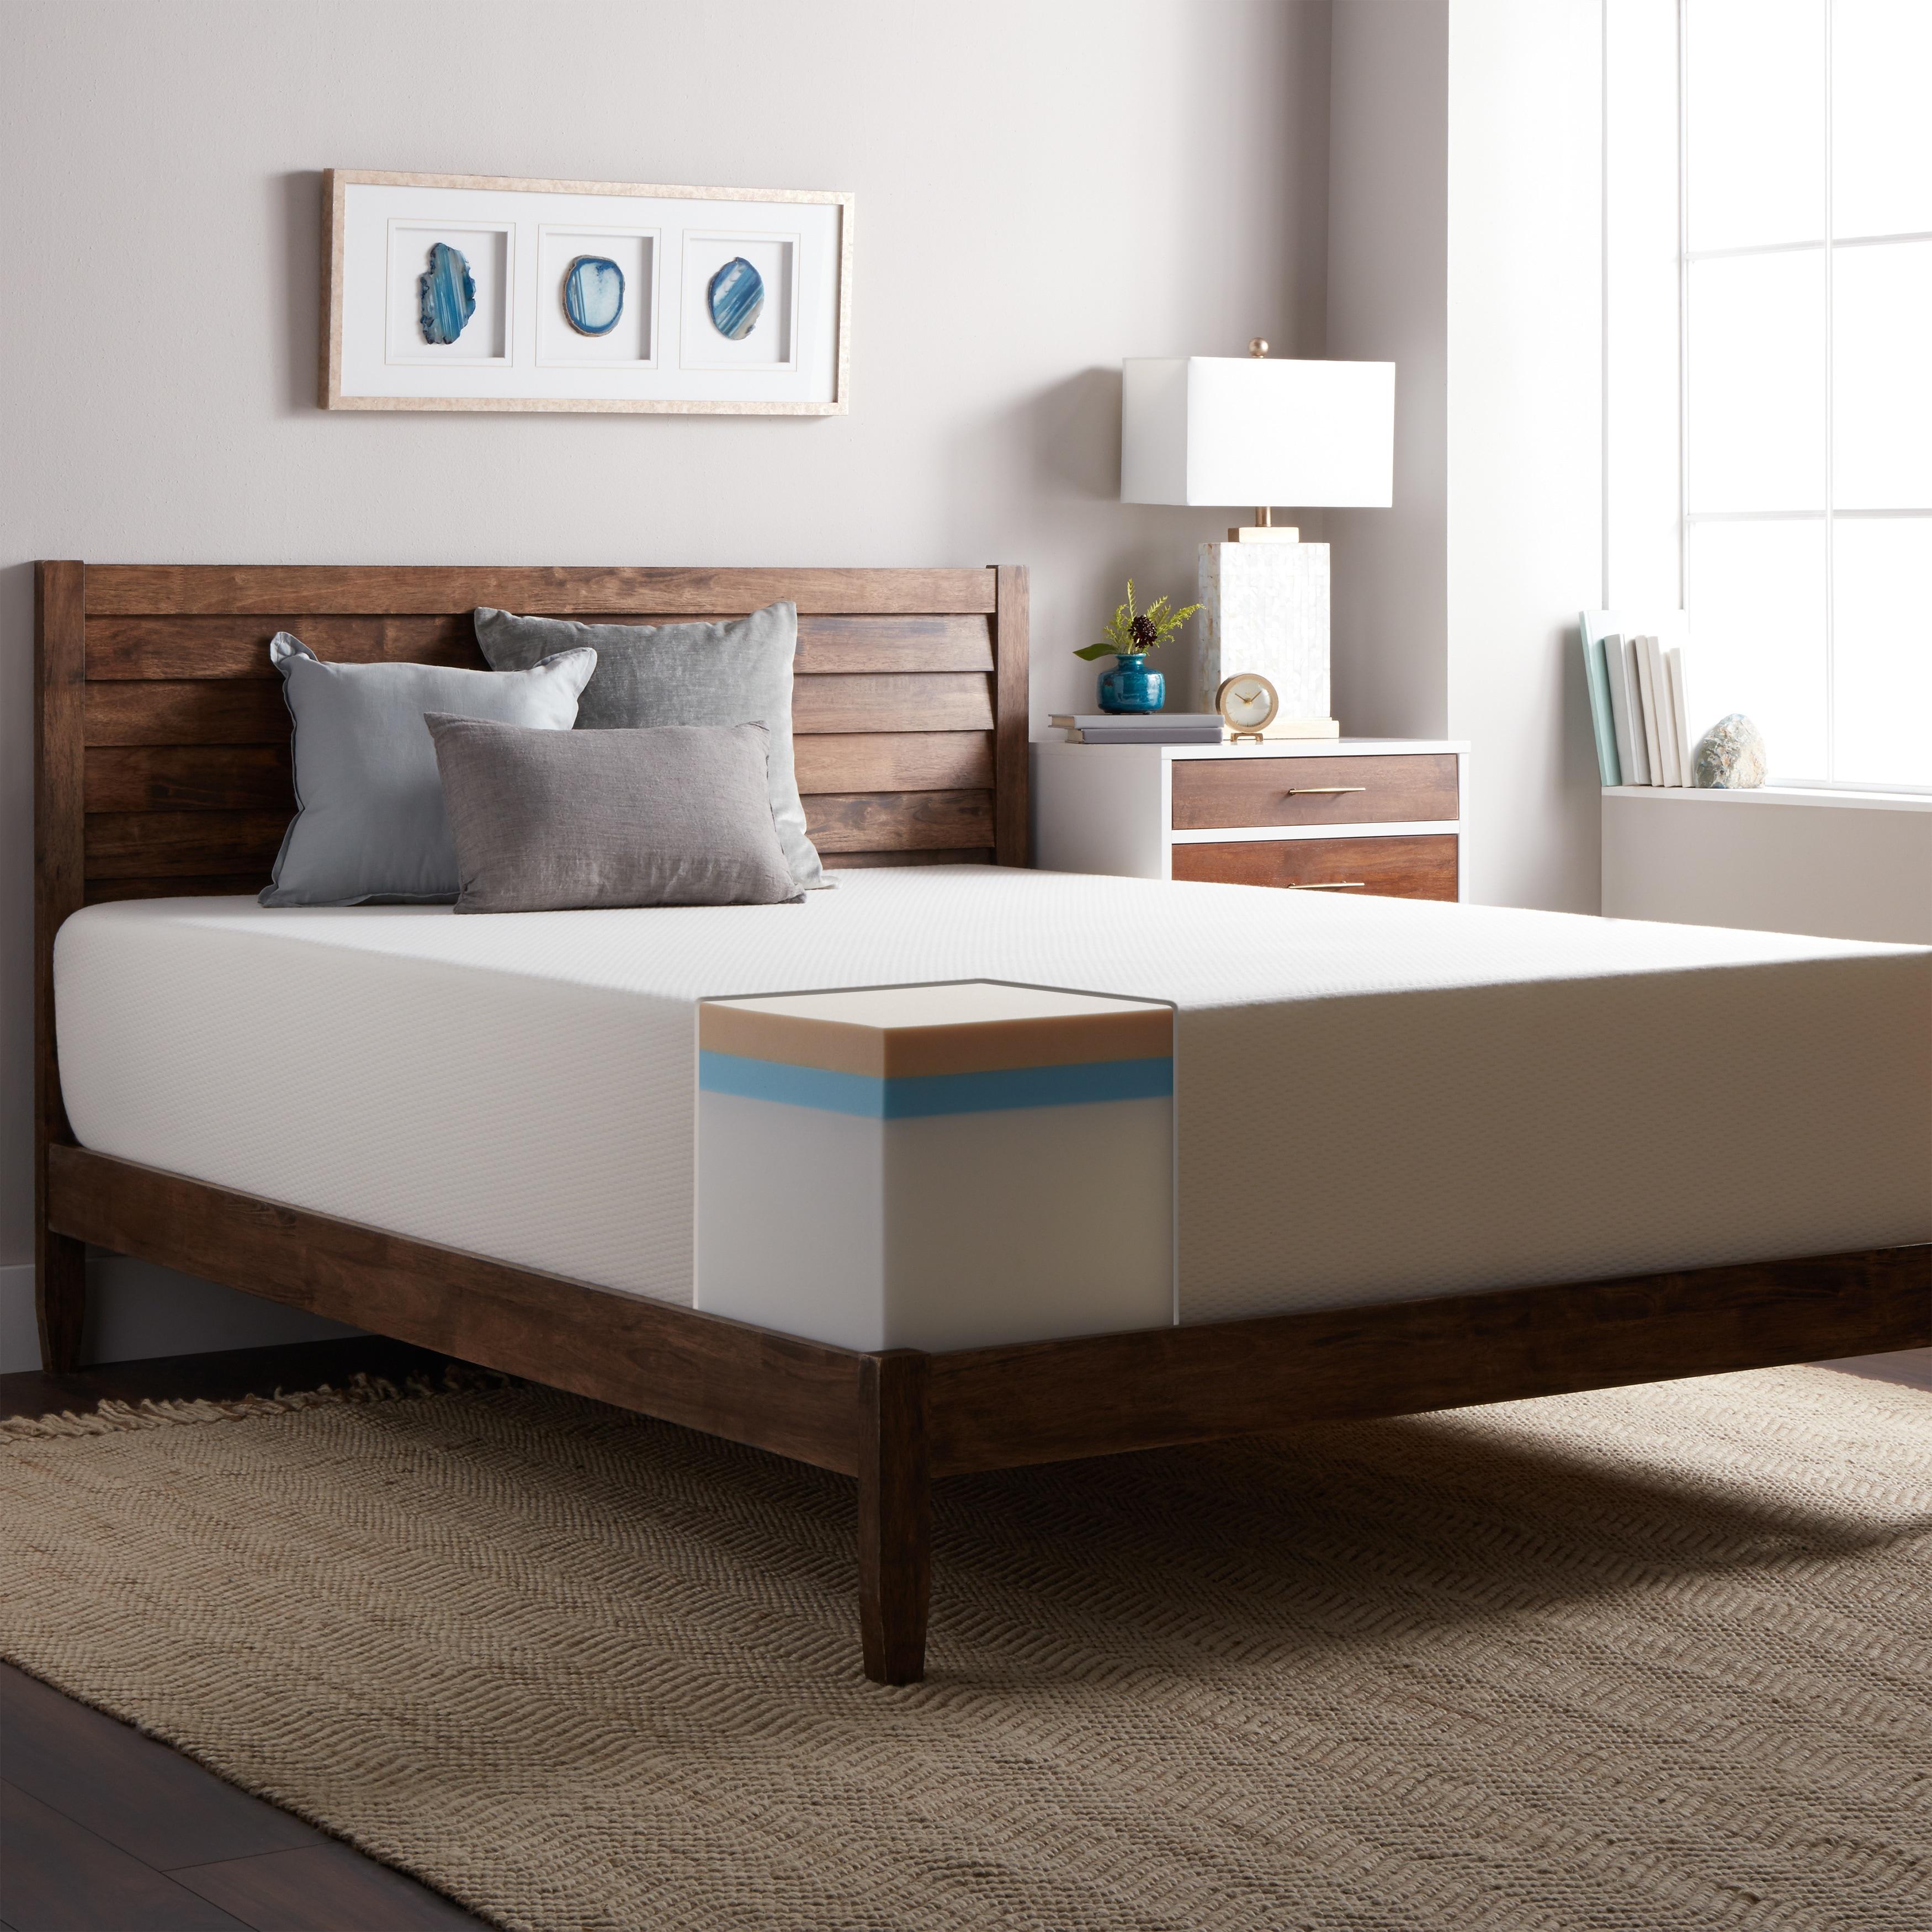 beautyrest hei black king mattress pillow prod pillowtop op mattresses wid natasha plush sharpen p false top